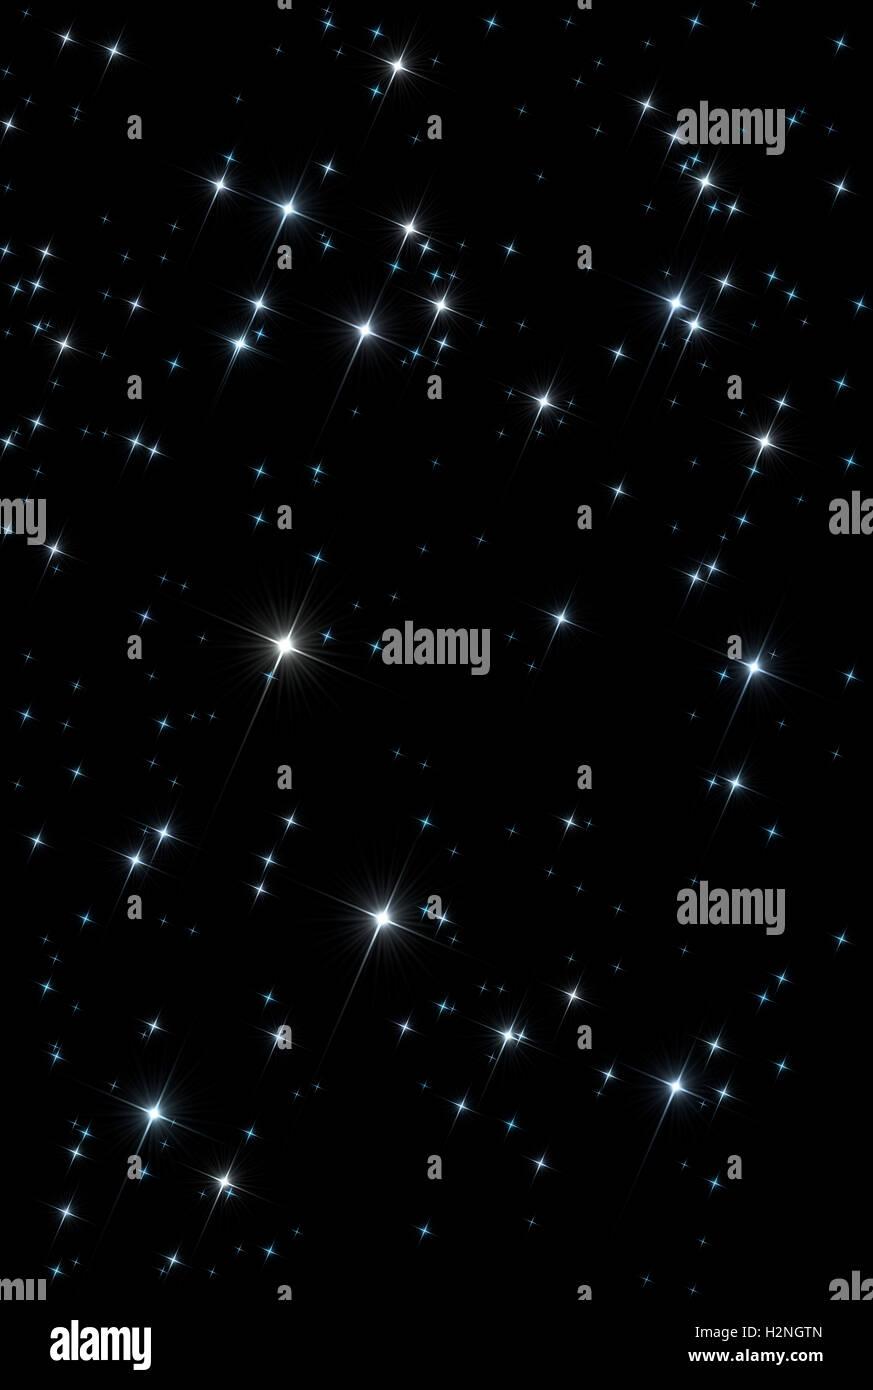 Espacio abstracto universo antecedentes: patrón de centelleo estrellas brillantes aislados sobre el fondo negro. Imagen De Stock